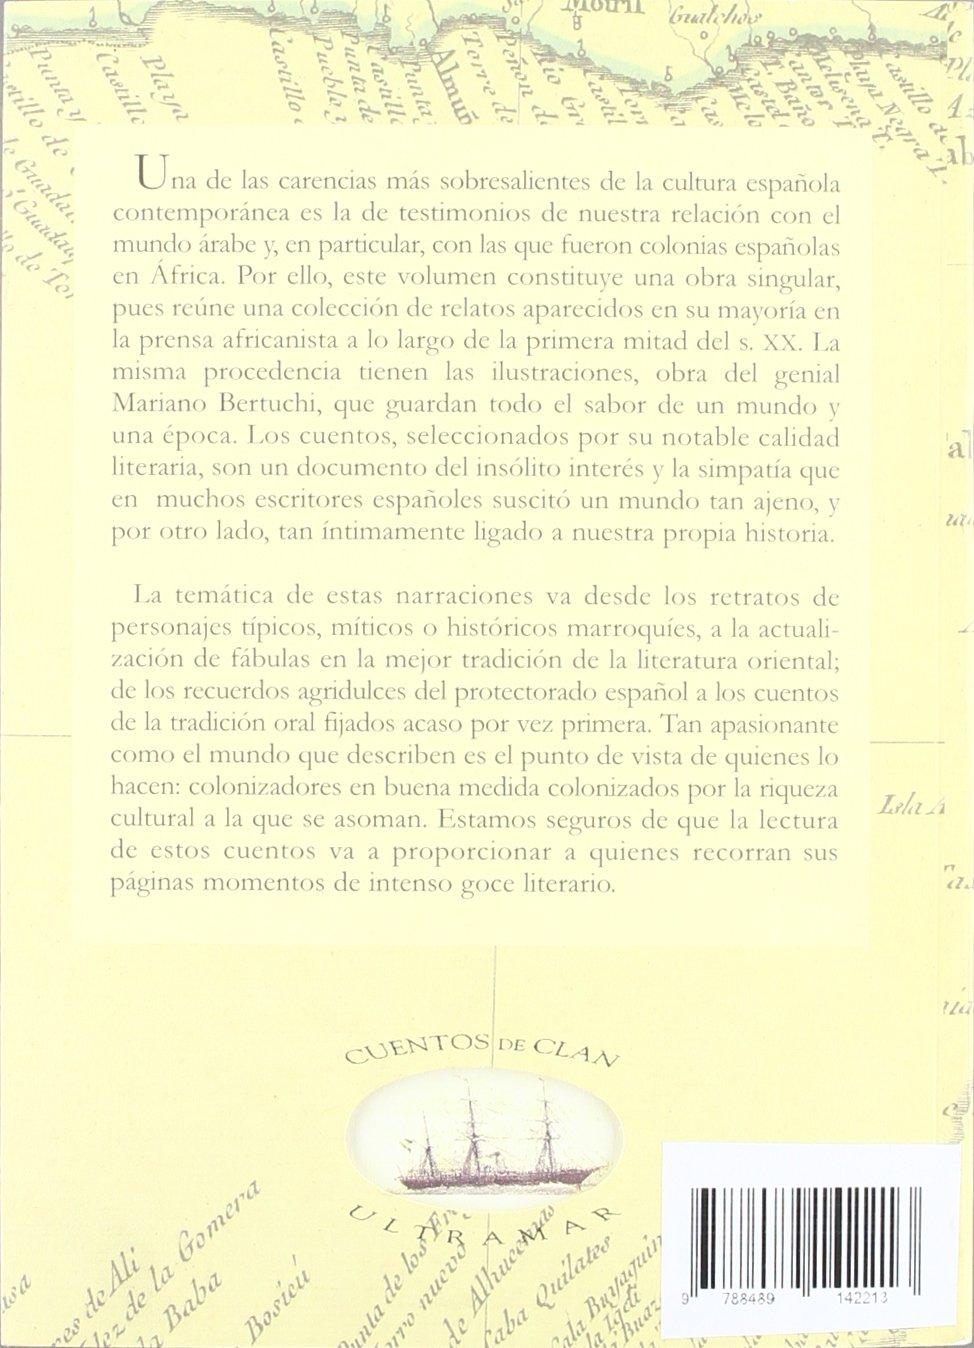 Cuentos del Marruecos español (Cuentos de Ultramar): Amazon.es: Mariano Bertucci: Libros